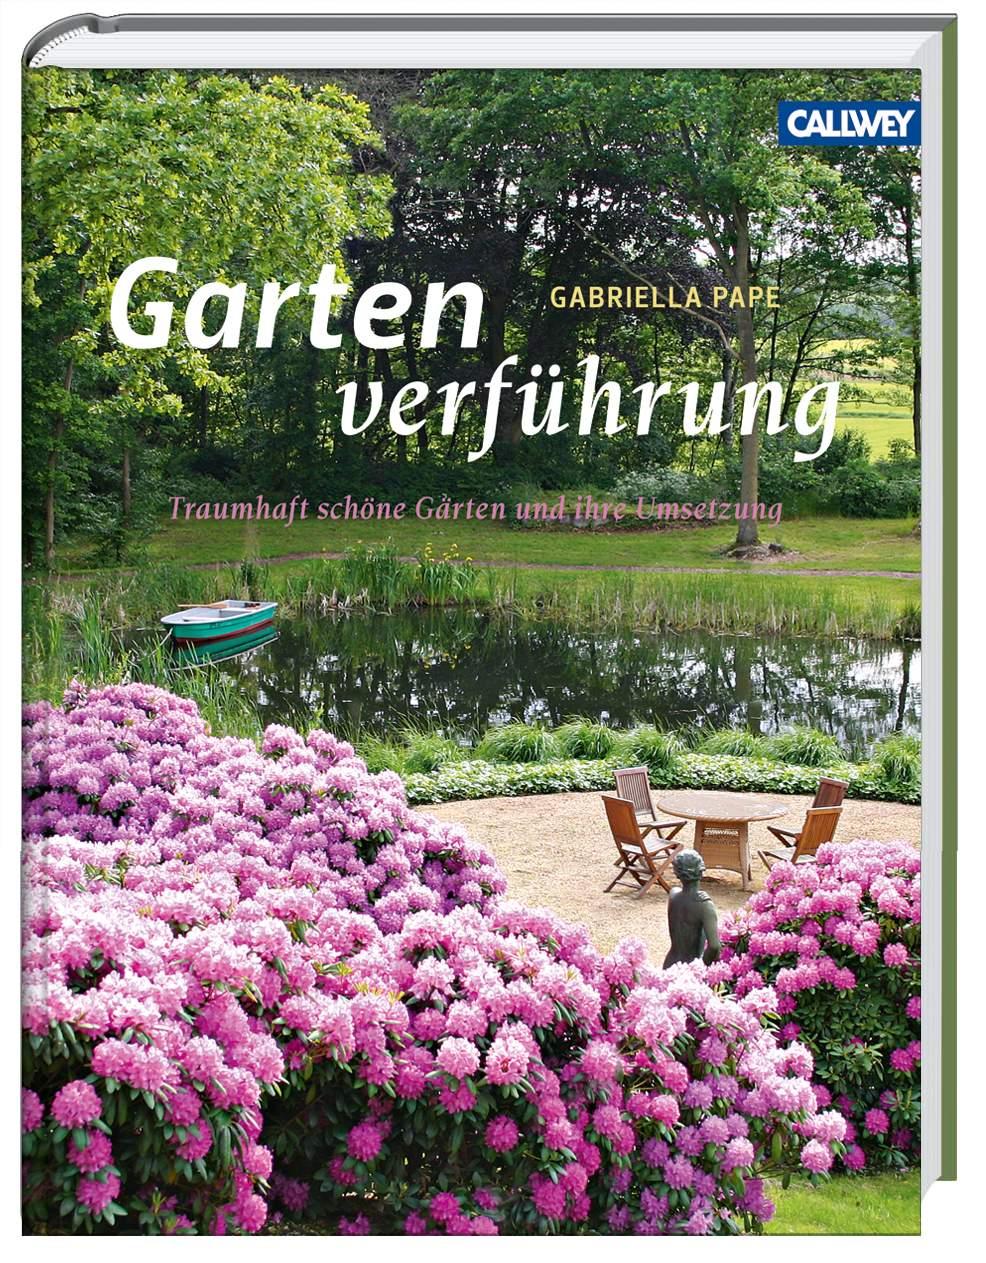 Gartenverfuehrung Callwey Cover